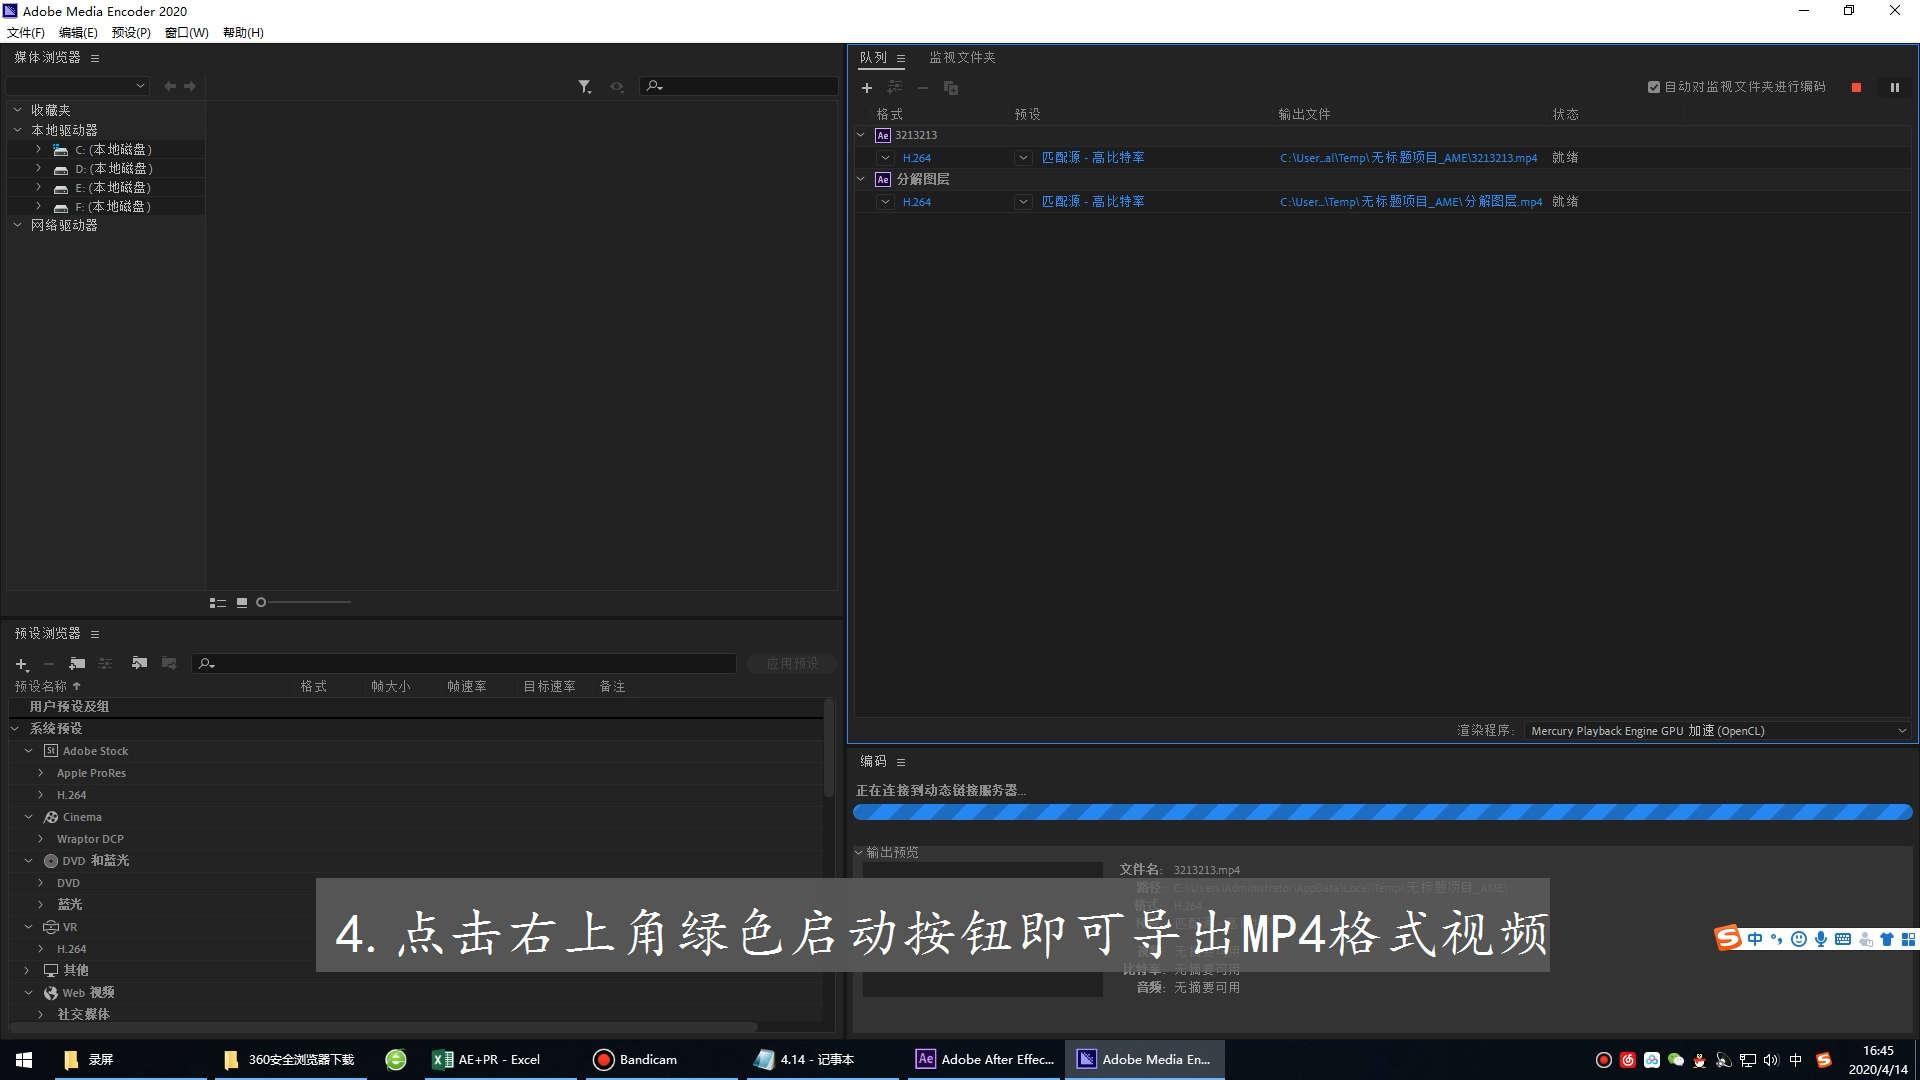 ae怎么导出视频mp4格式第4步